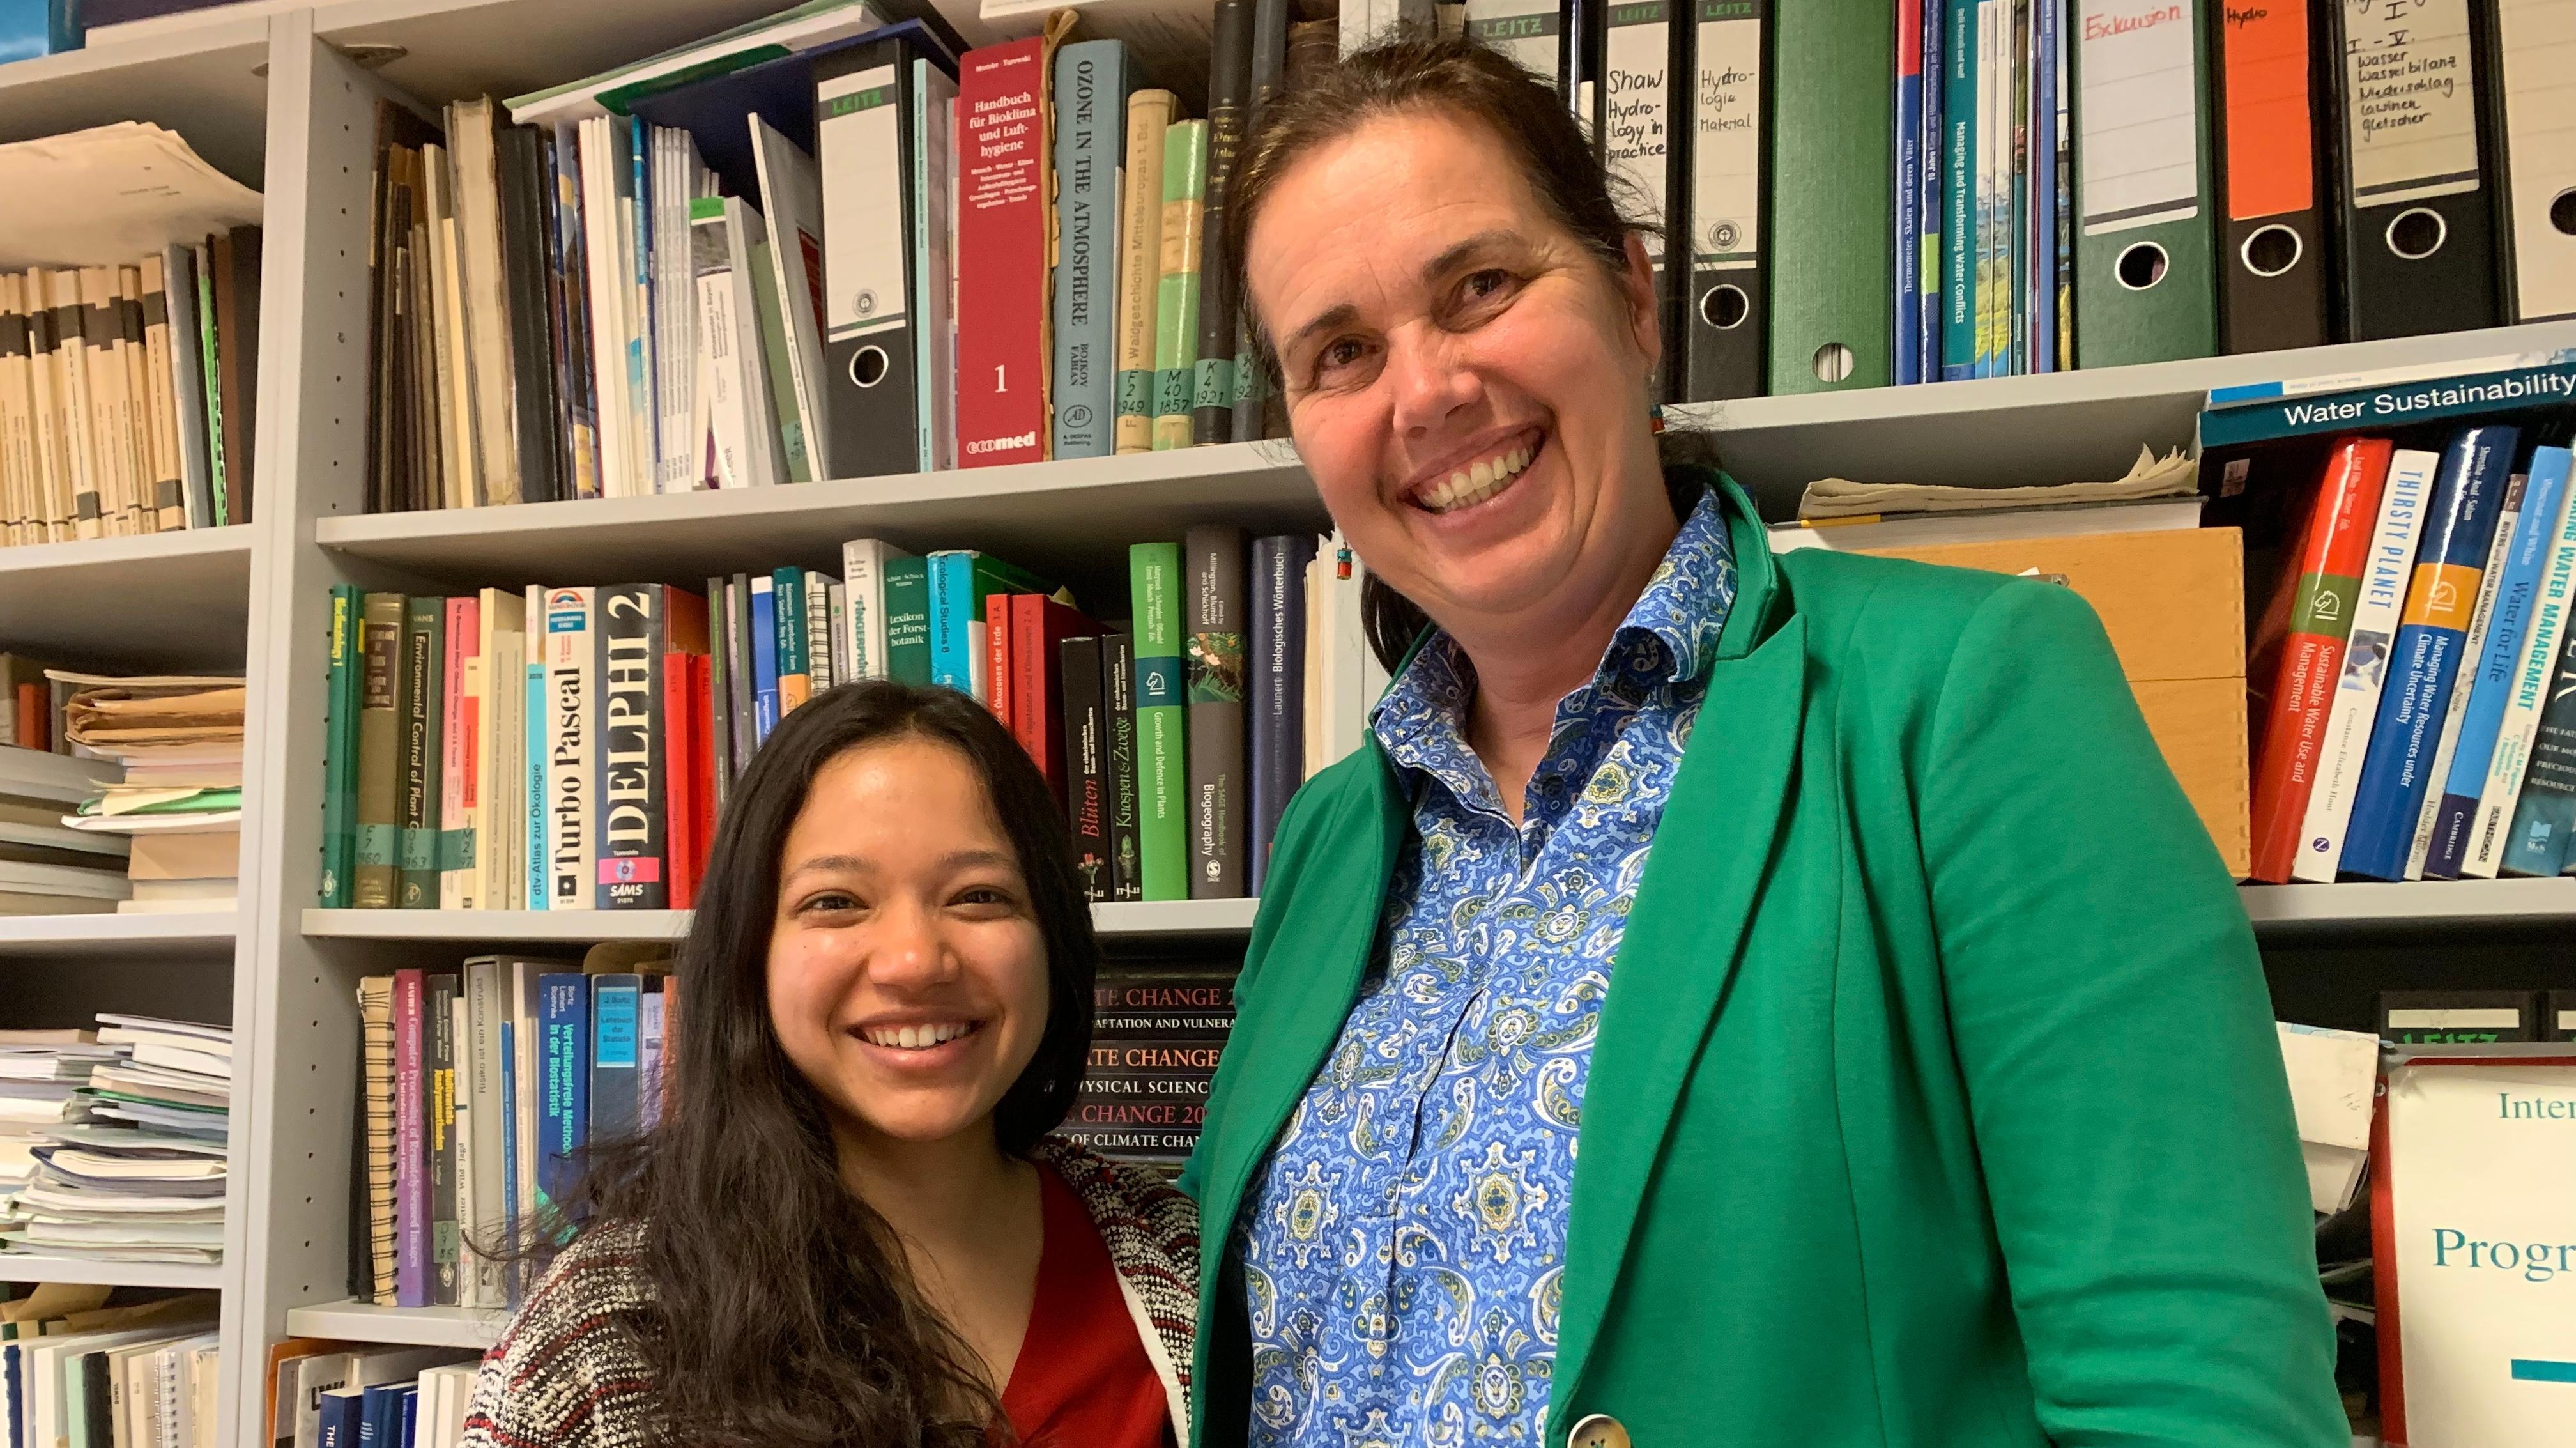 Annette Menzel, Professorin für Ökoklimatologie an der TU München am Standort Weihenstephan, mit ihrer Studentin Jainy Shah aus Indien.